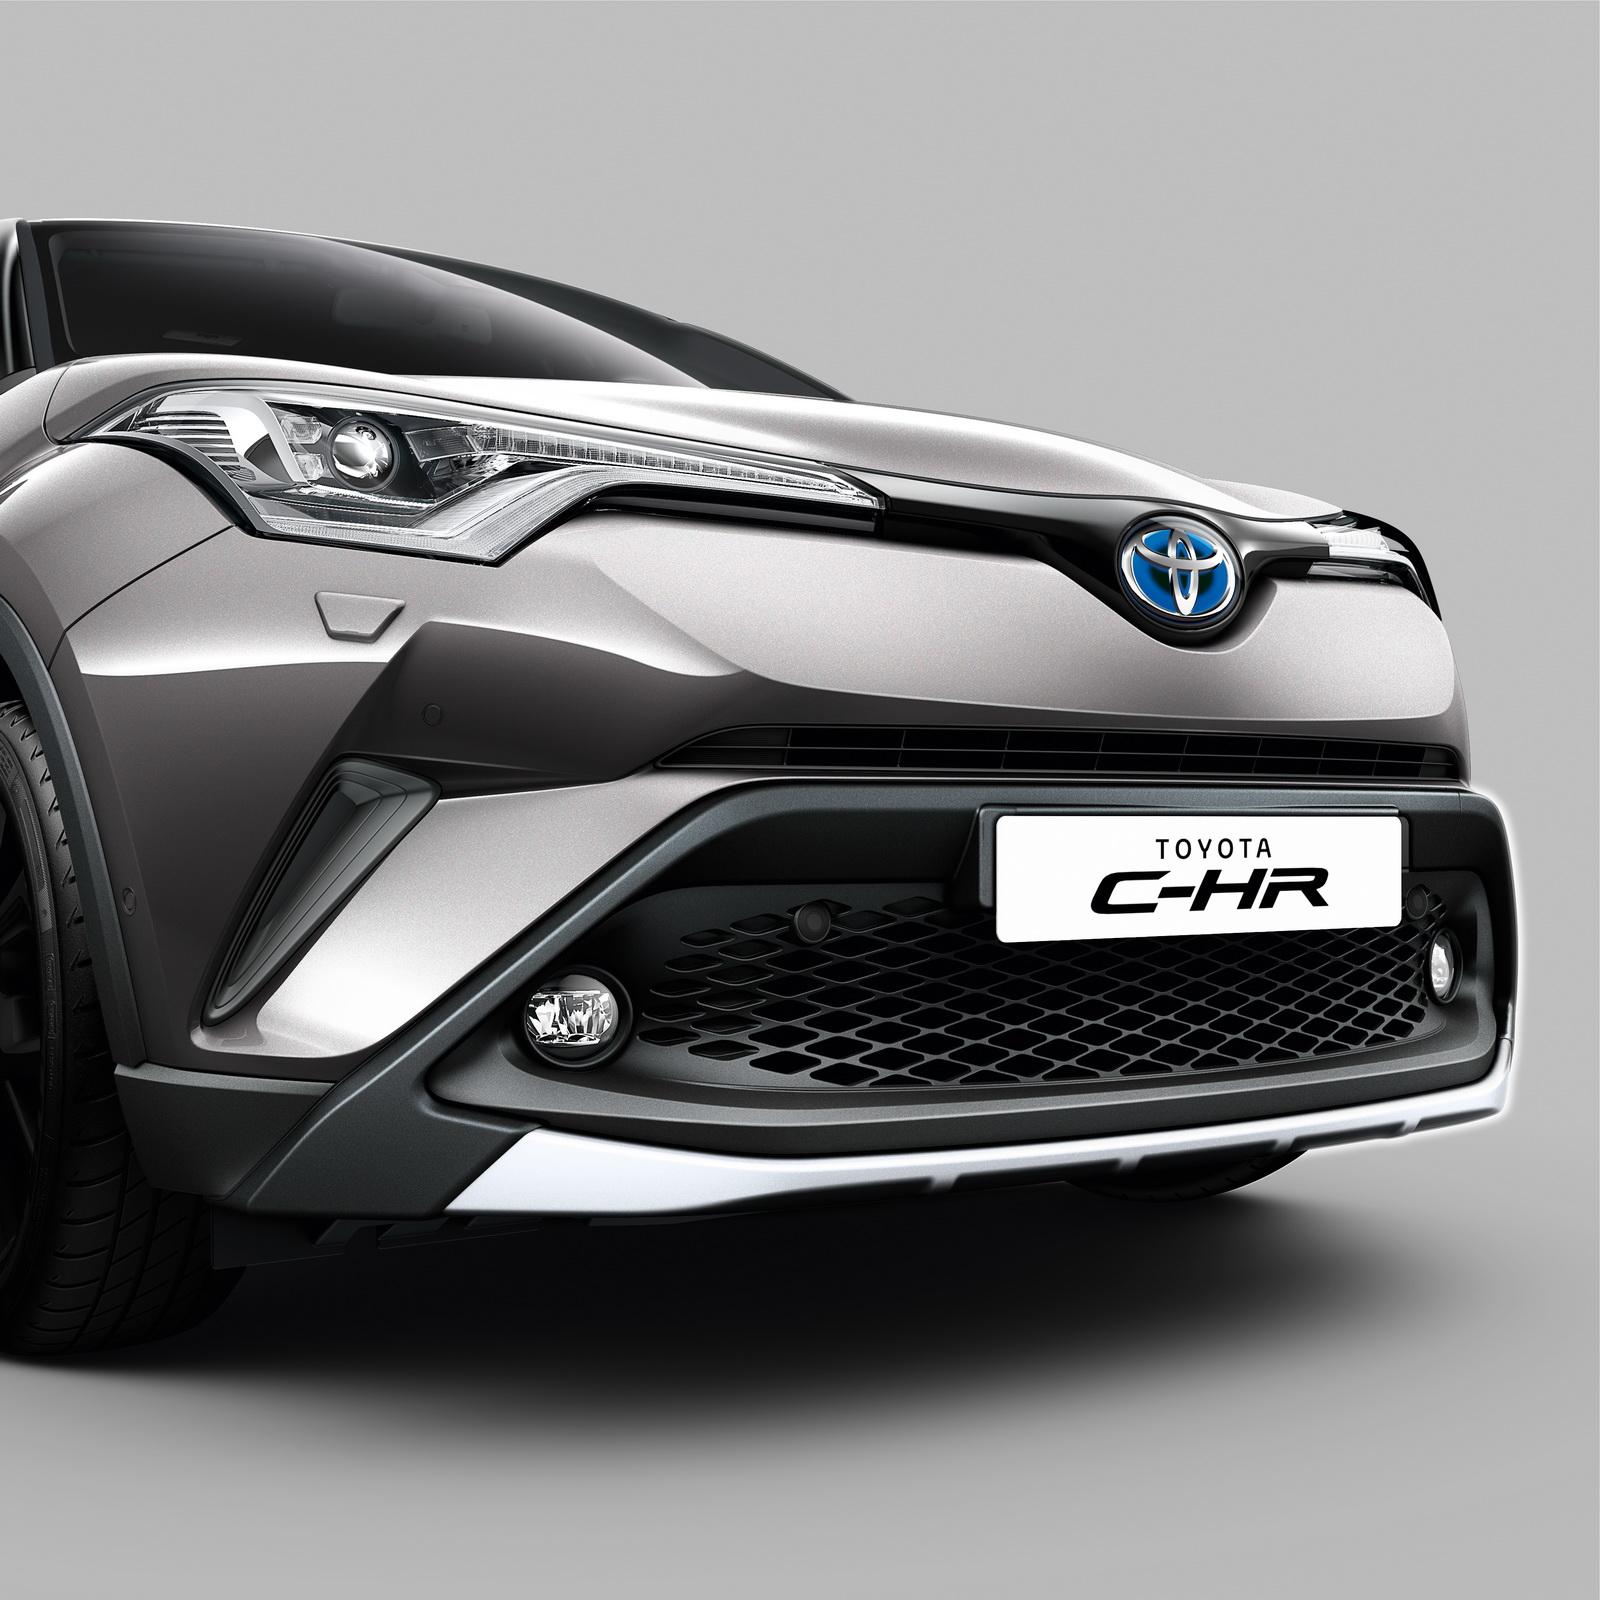 ToyotaC-HR accesories (7)